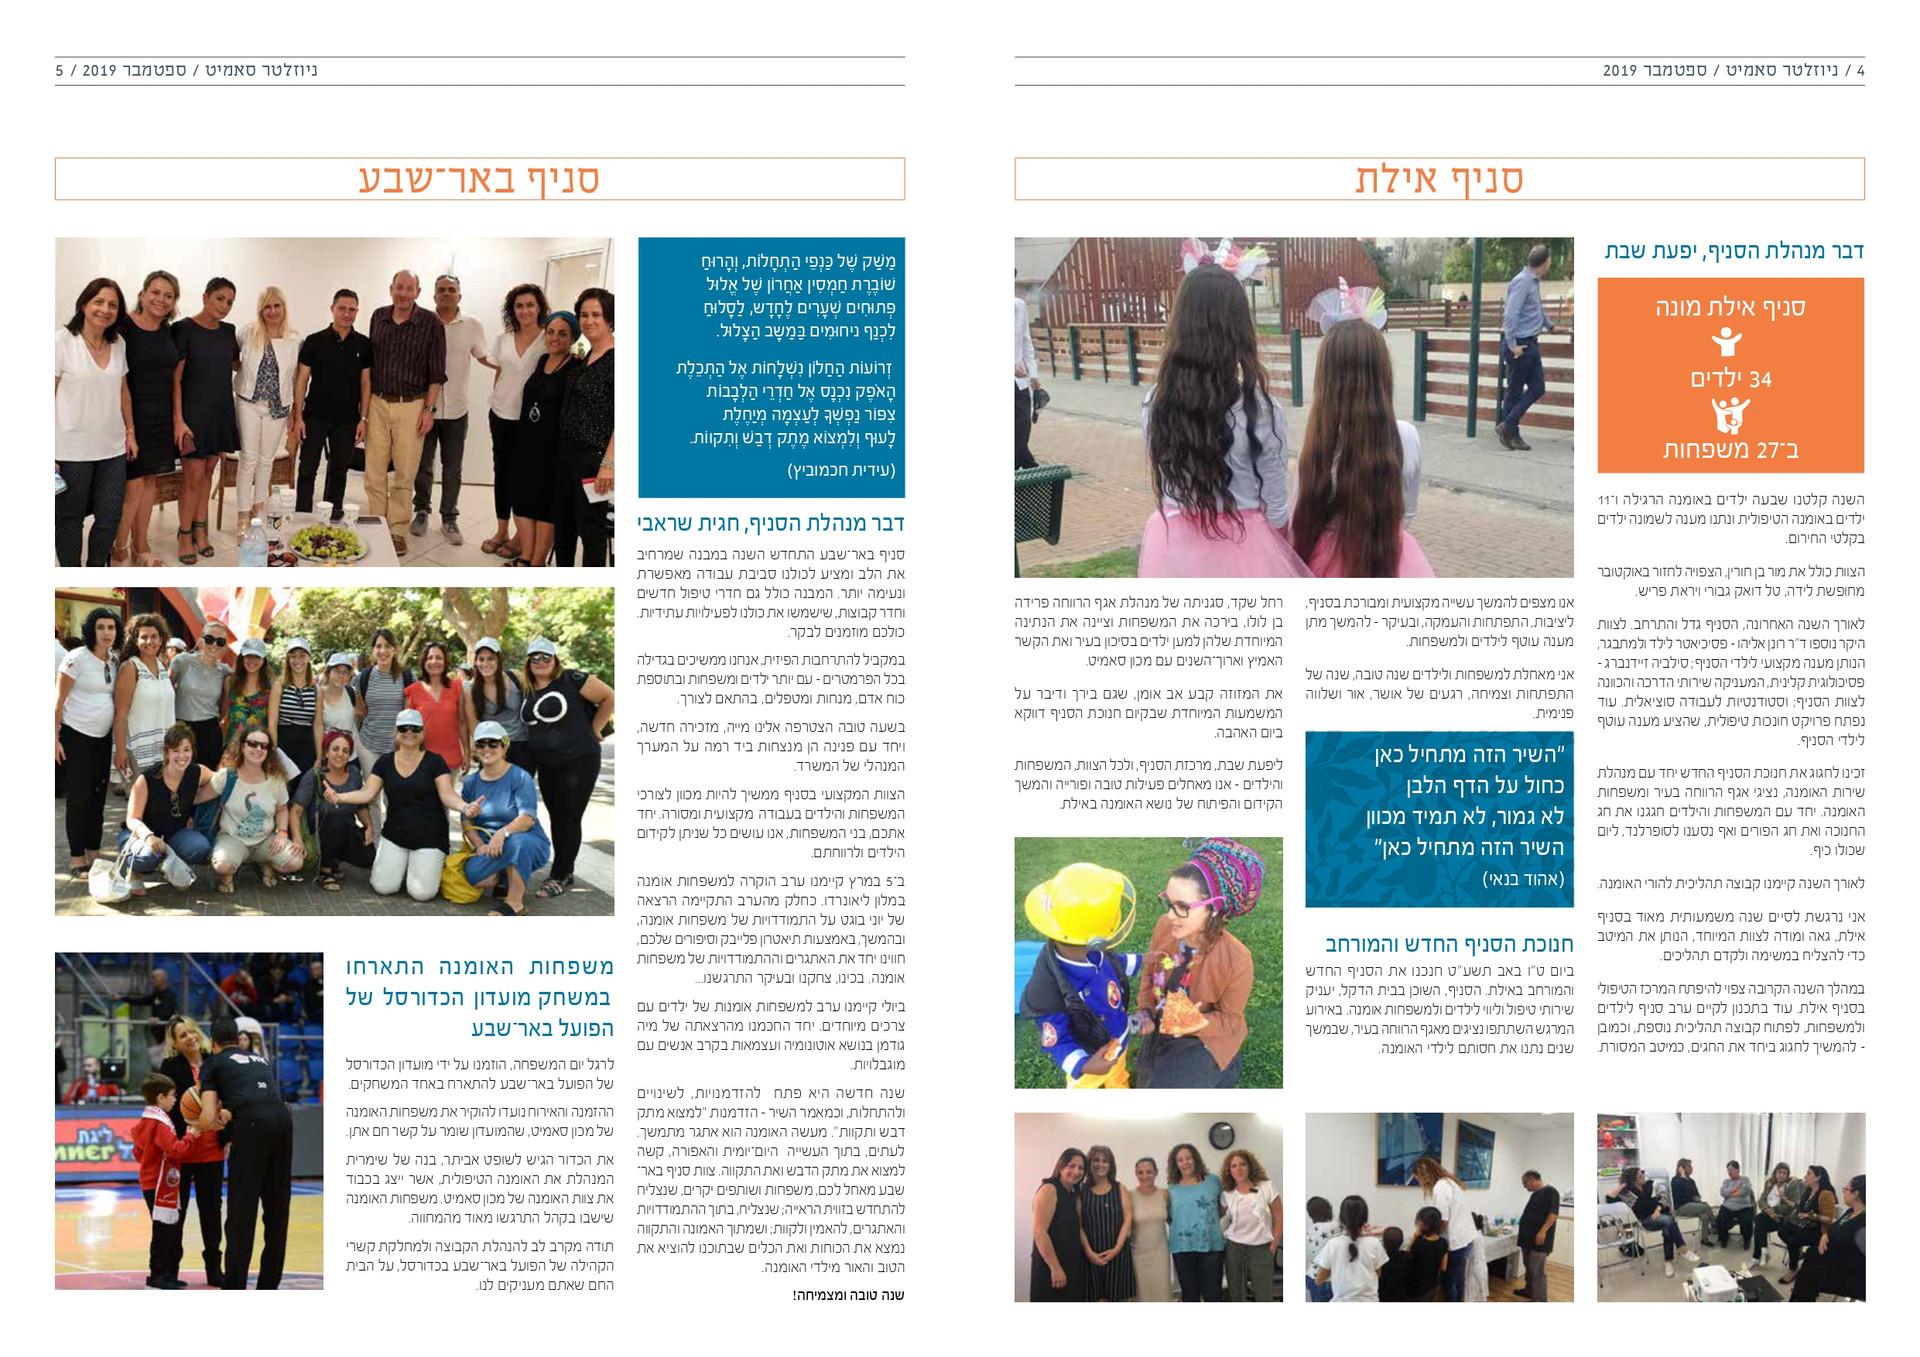 שנה טובה משרות האומנה (1)_pages-to-jpg-0